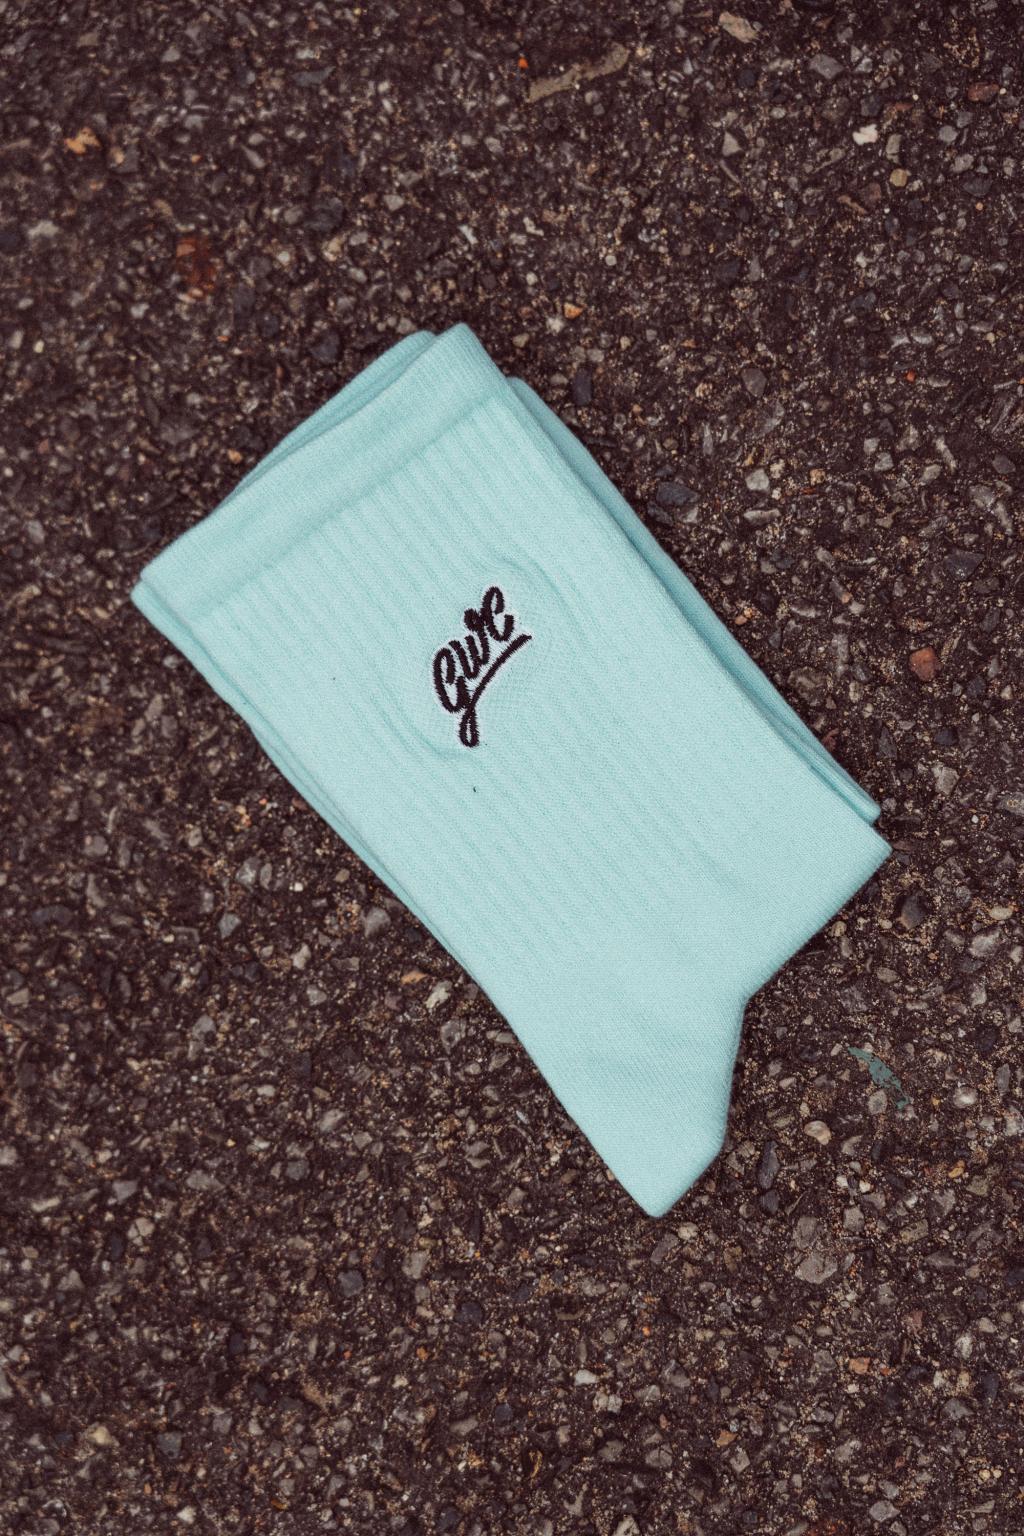 Ponožky, které pomáhají - mint